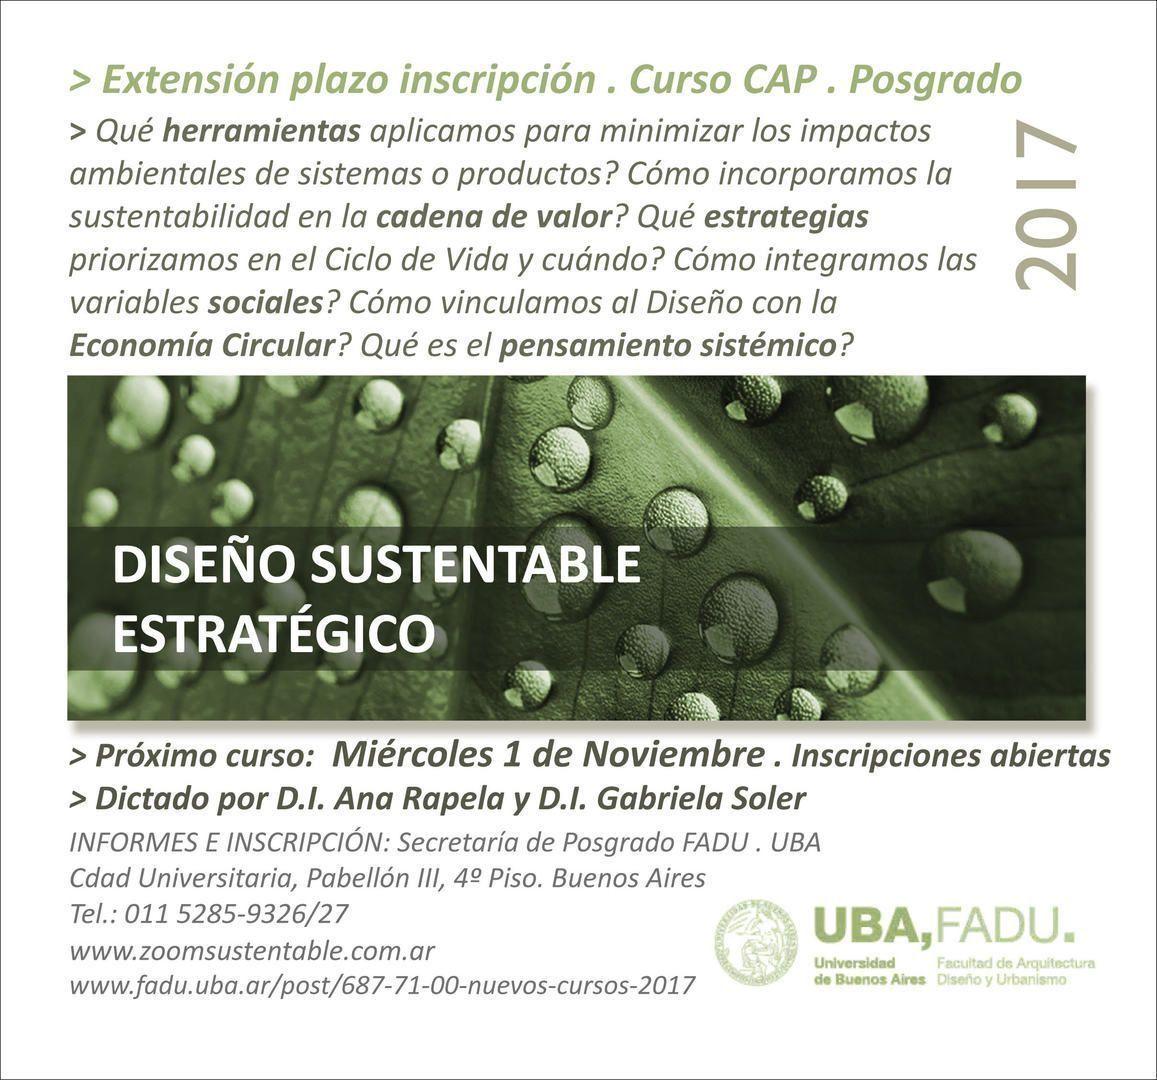 Diseño Sustentable Estratégico